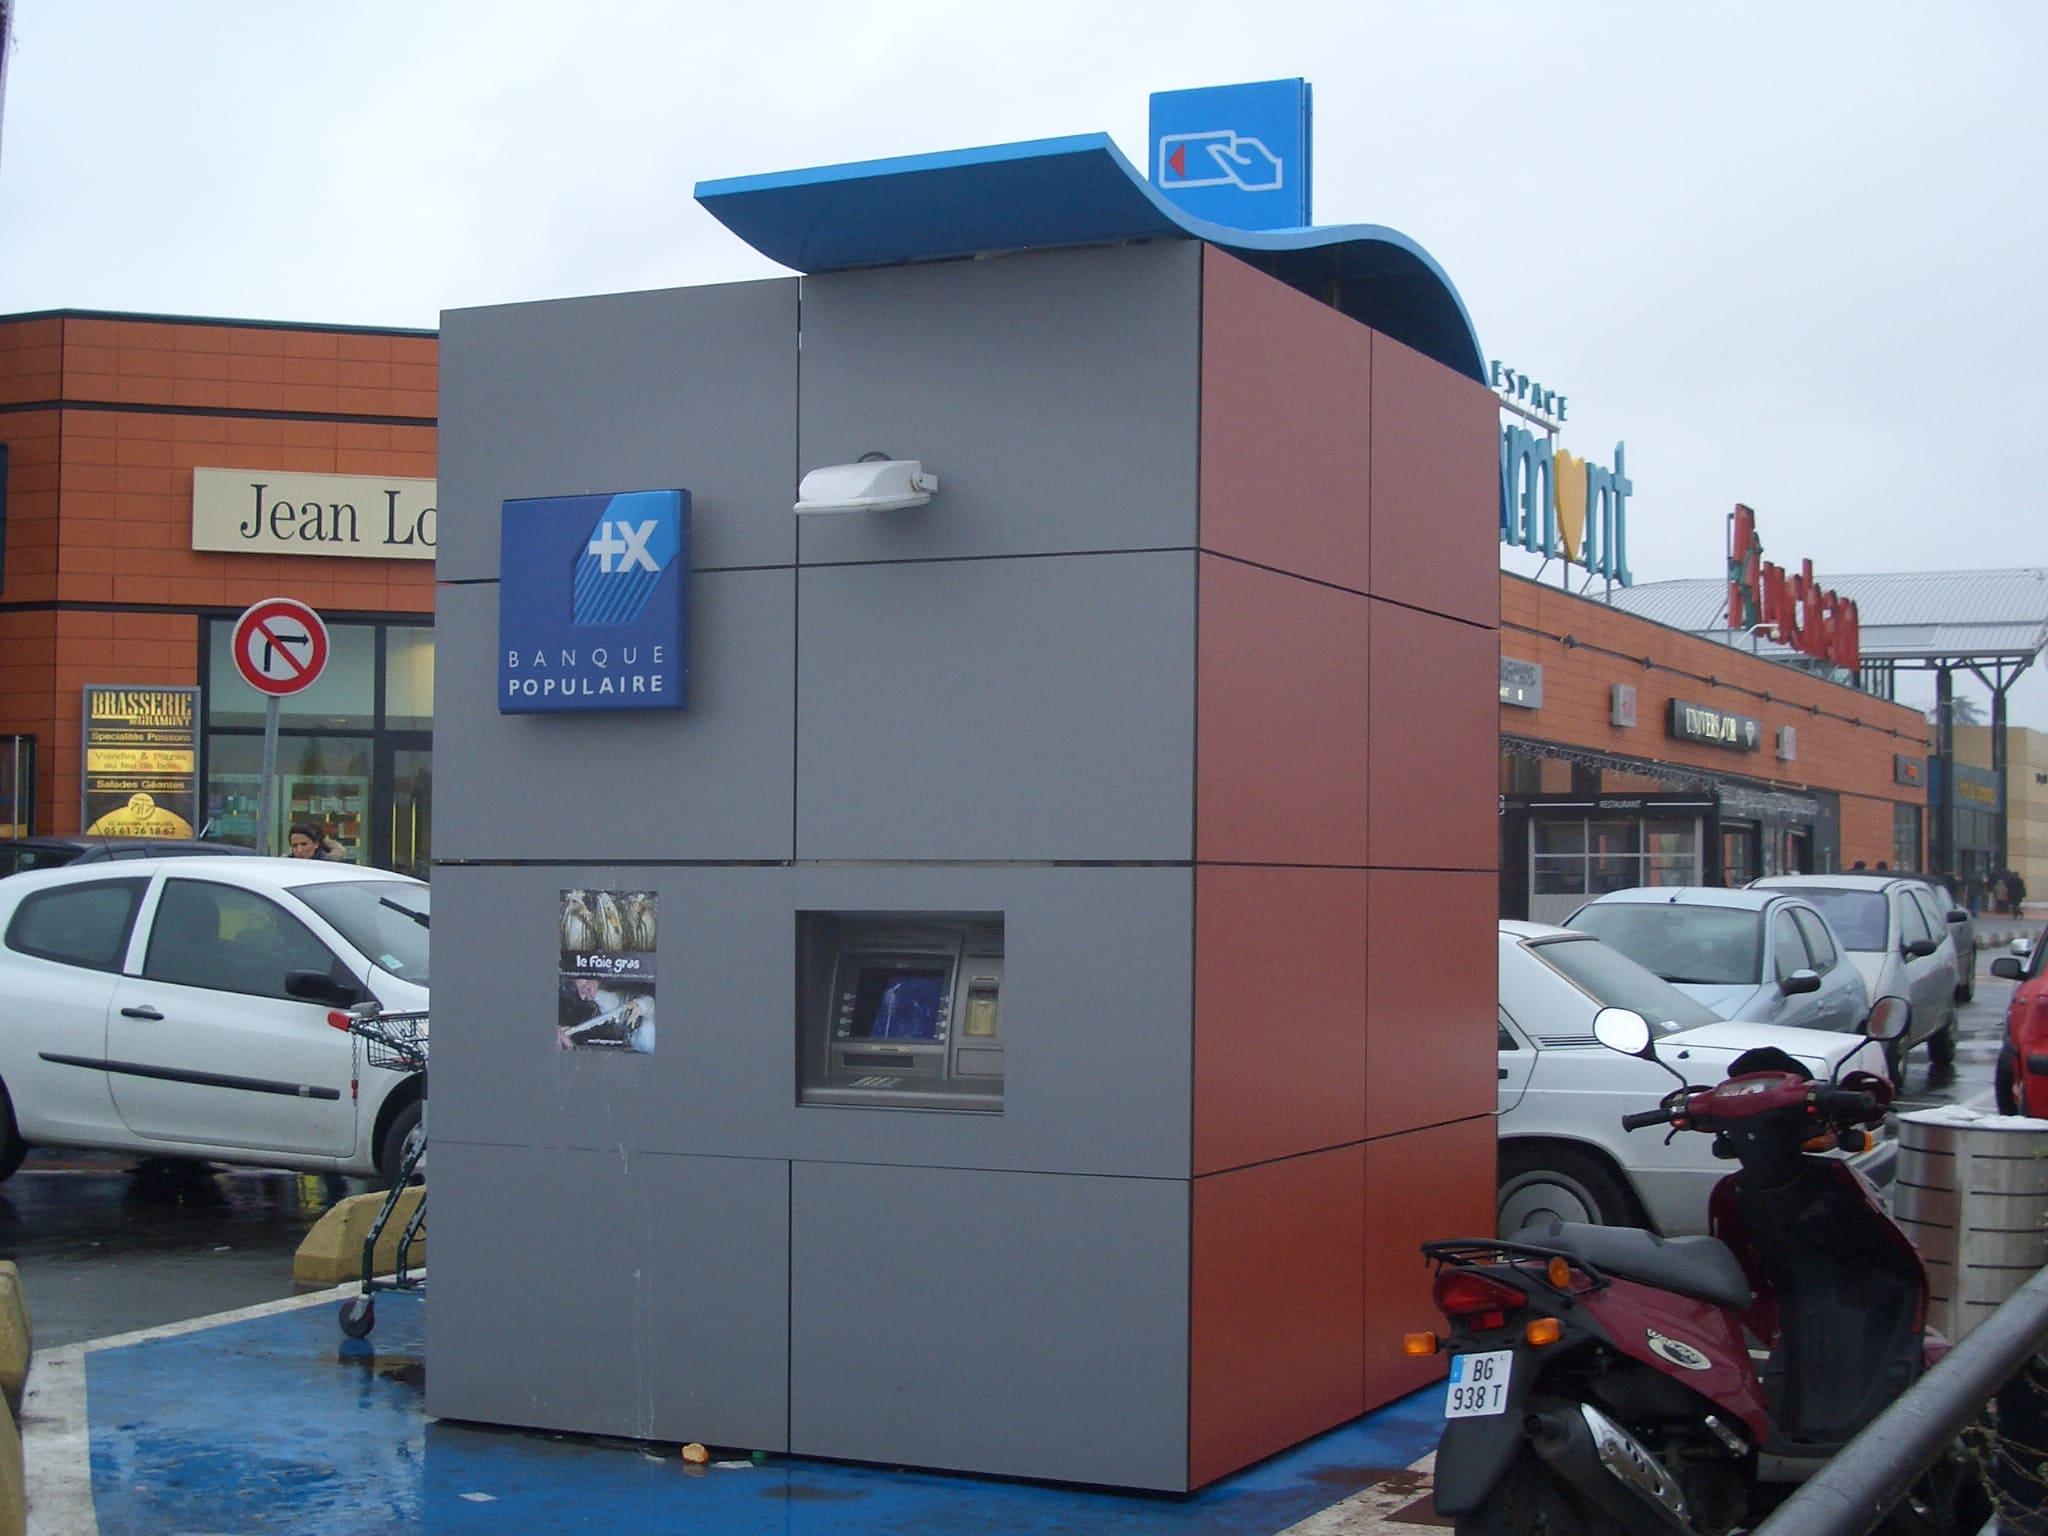 Distributeur extérieur de la banque populaire de Gramont